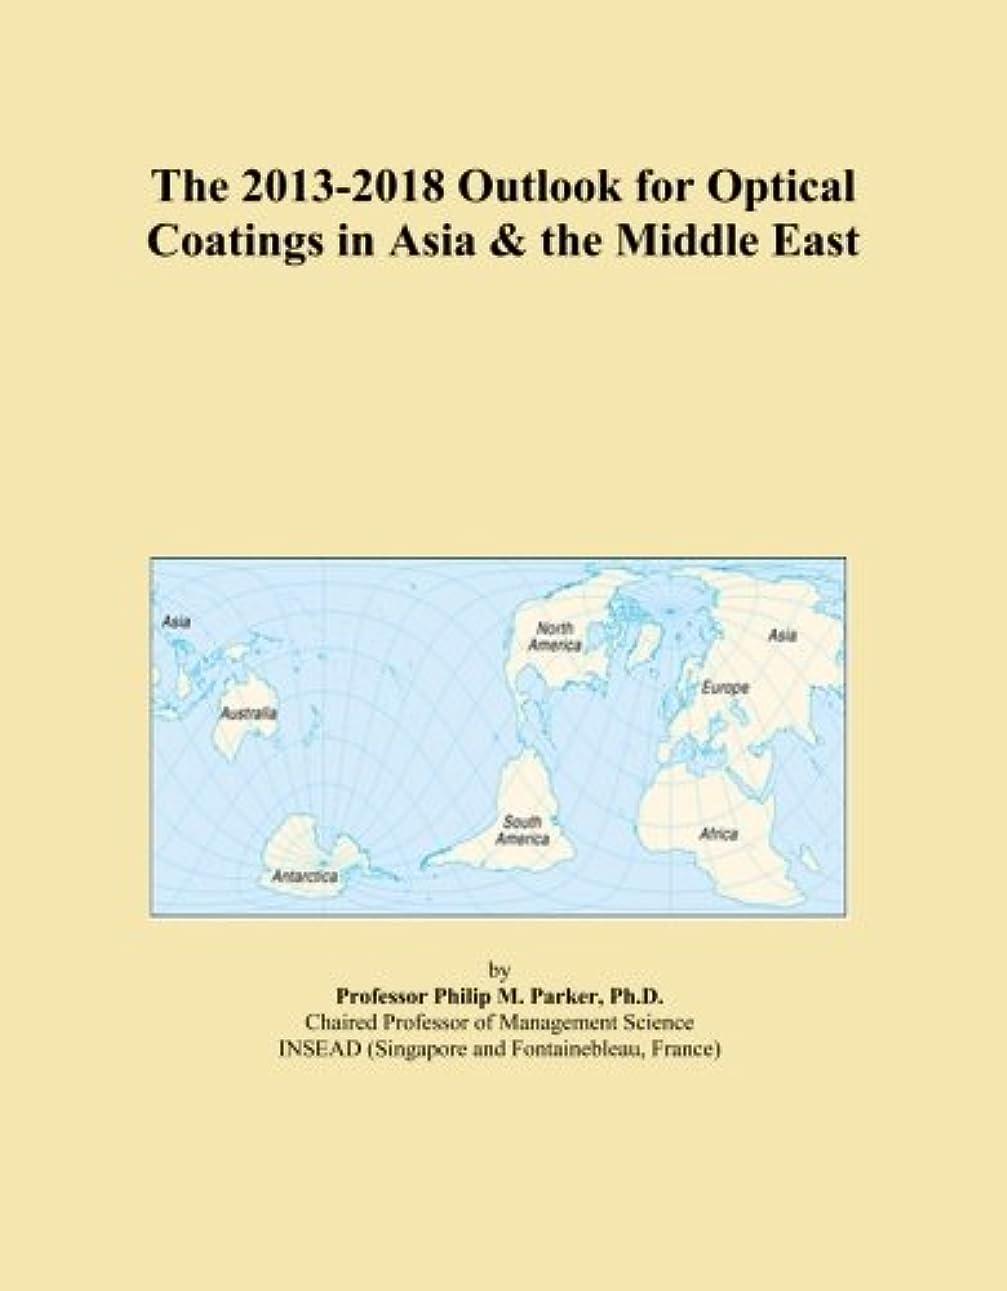 チャットボトルそれThe 2013-2018 Outlook for Optical Coatings in Asia & the Middle East